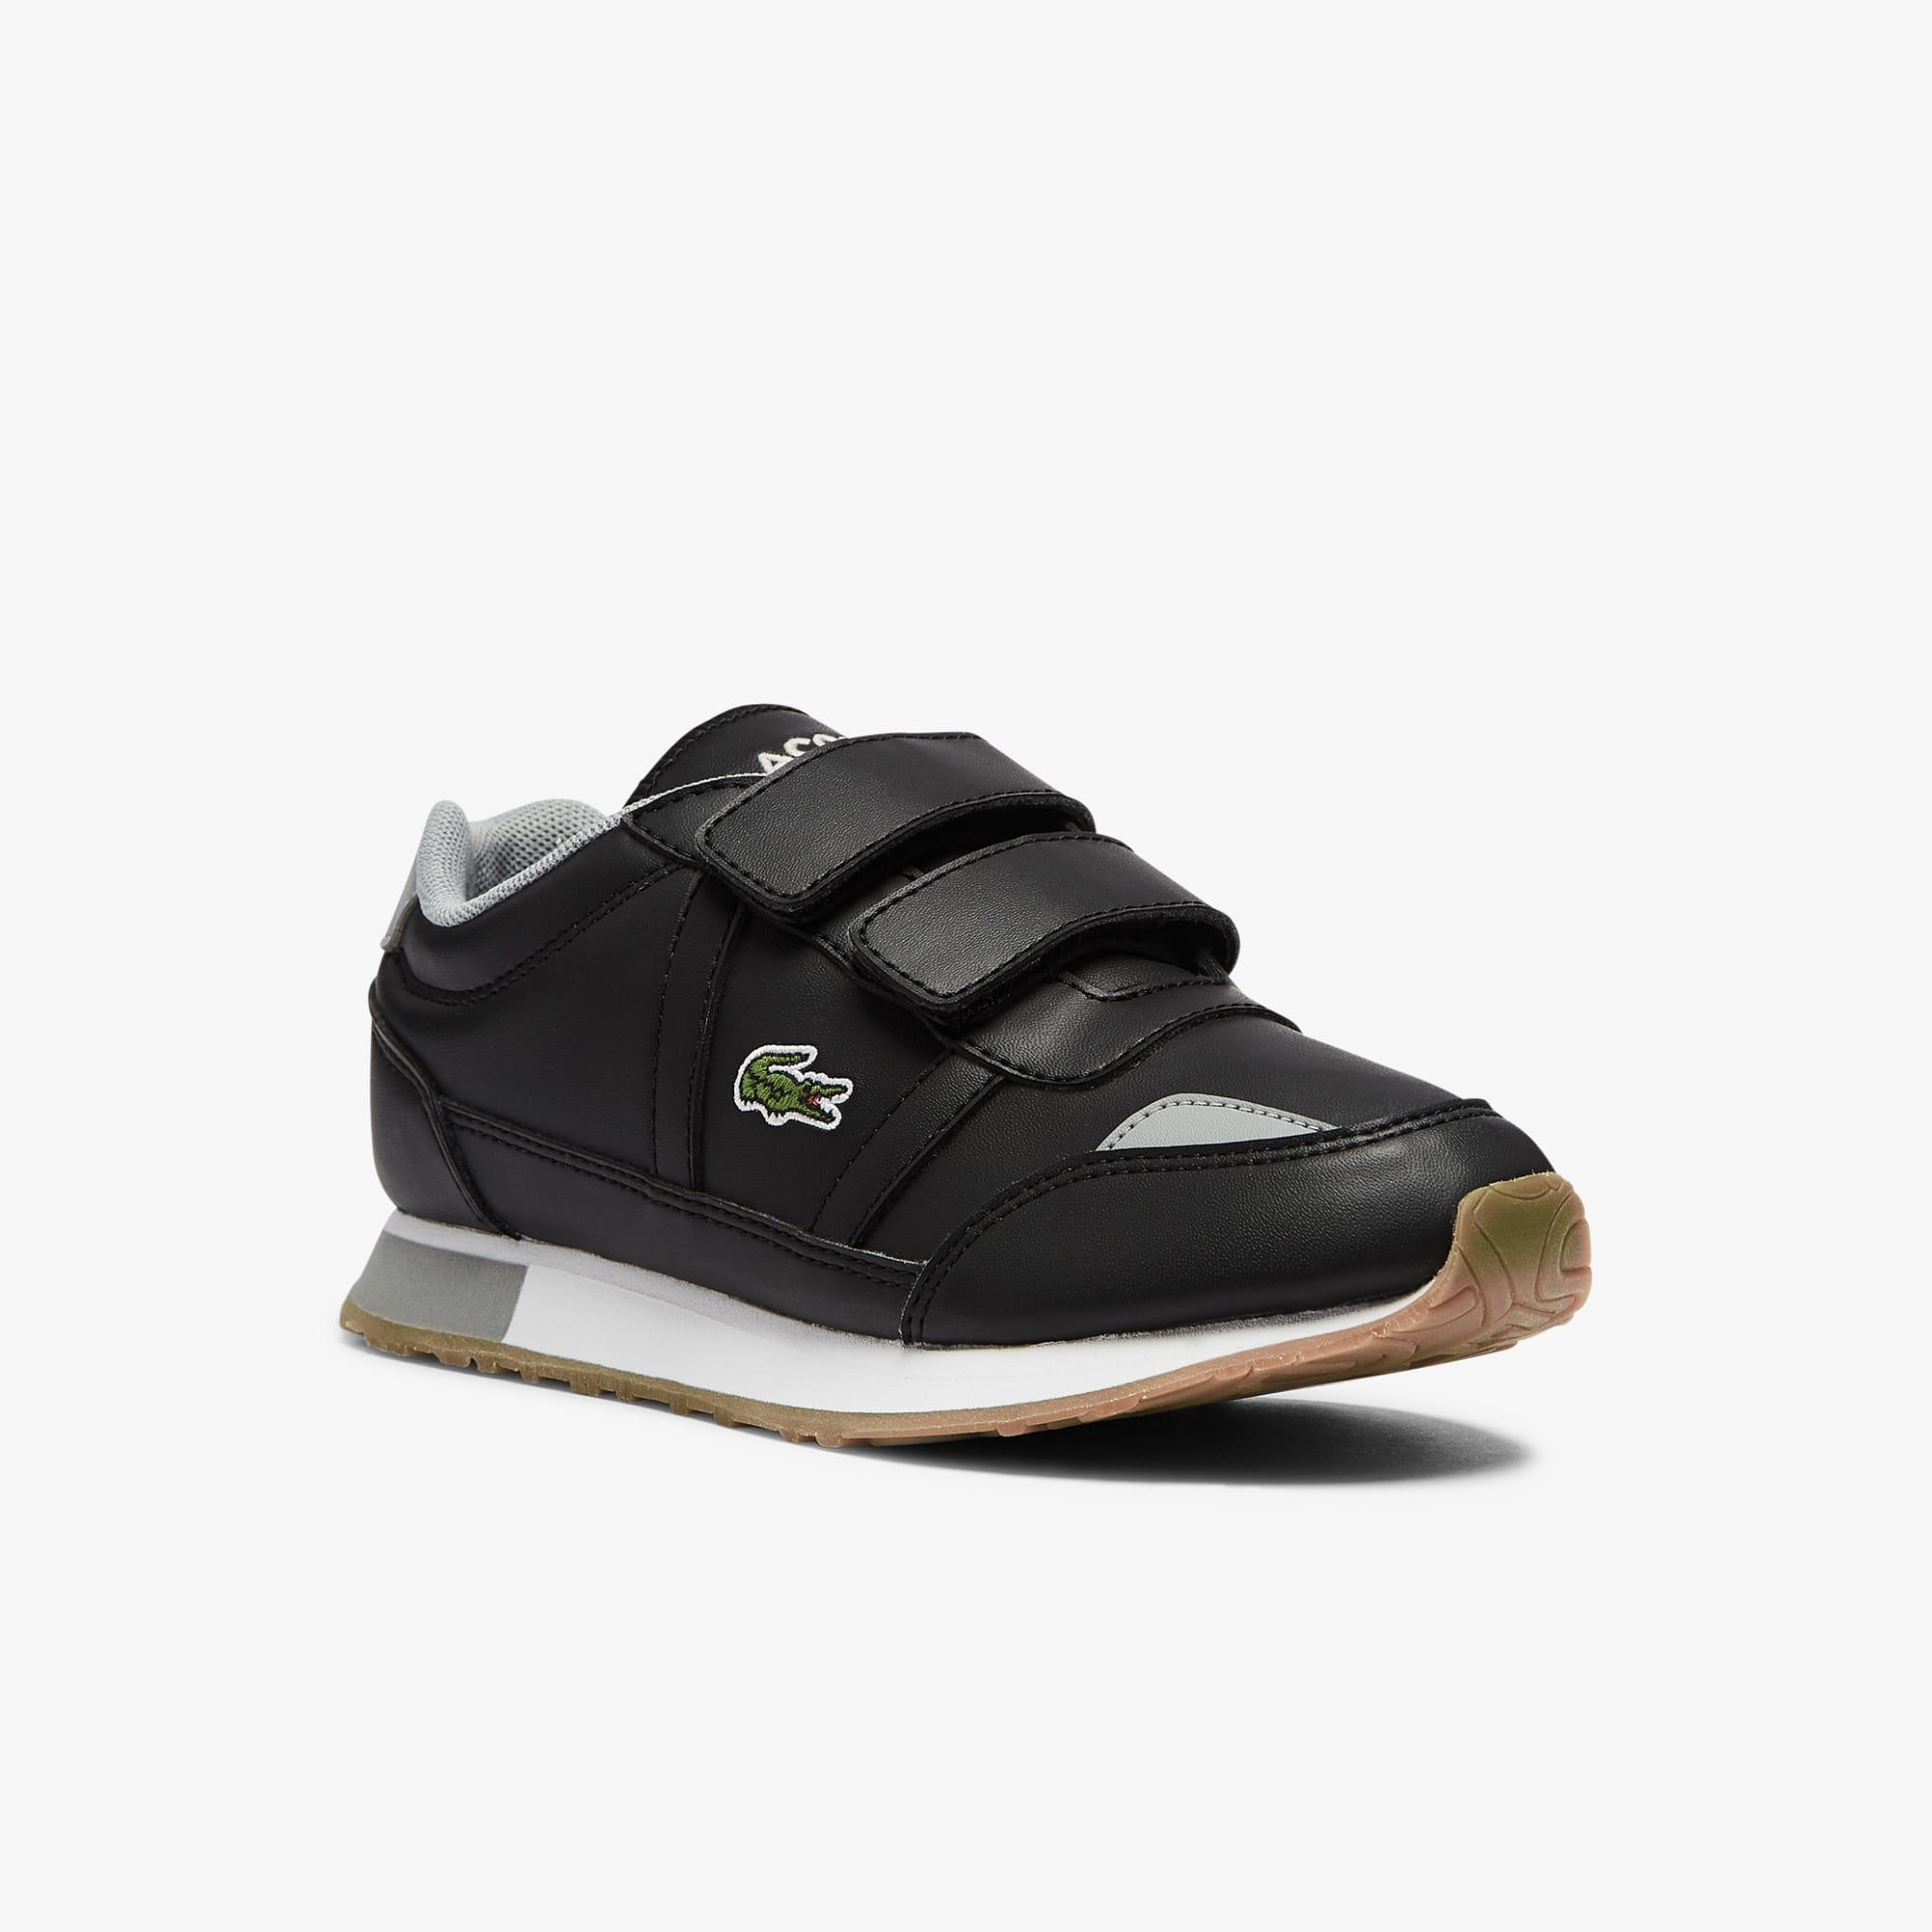 Lacoste Sneakers Partner enfant en tissu Taille 32 Noir/gris